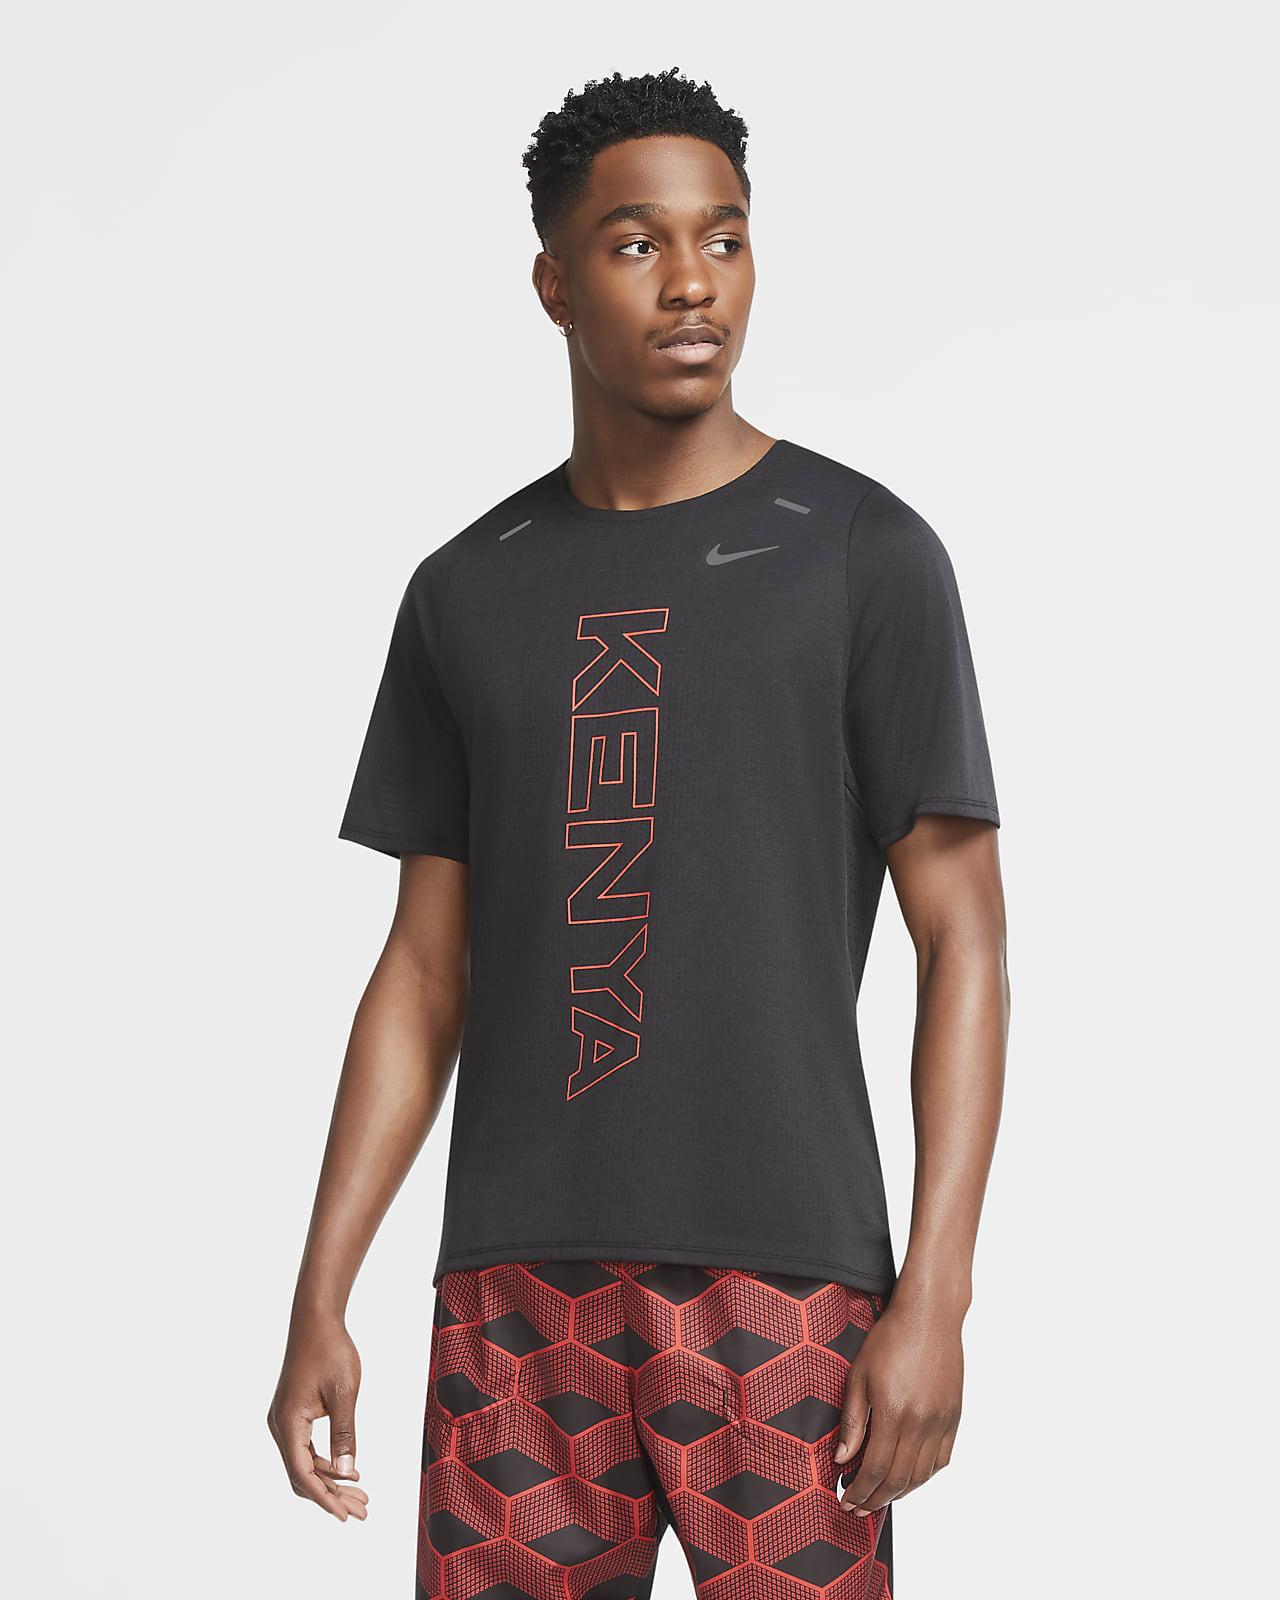 Nike Dri-FIT Team Kenya Rise 365 Men's Running Top